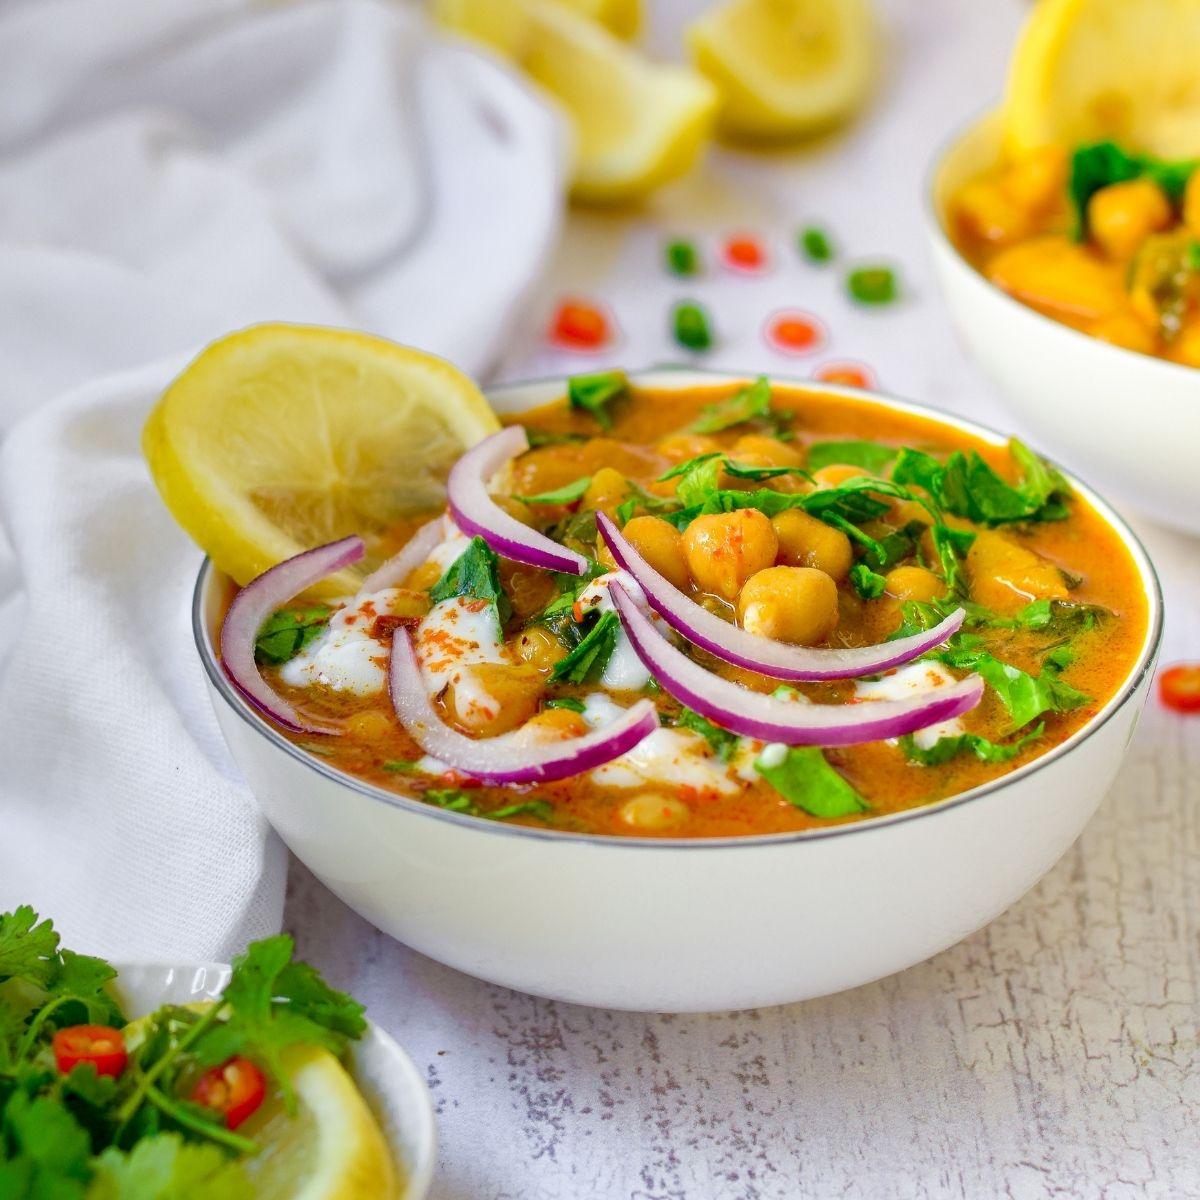 Delicious Chickpea Potato Spinach Curry